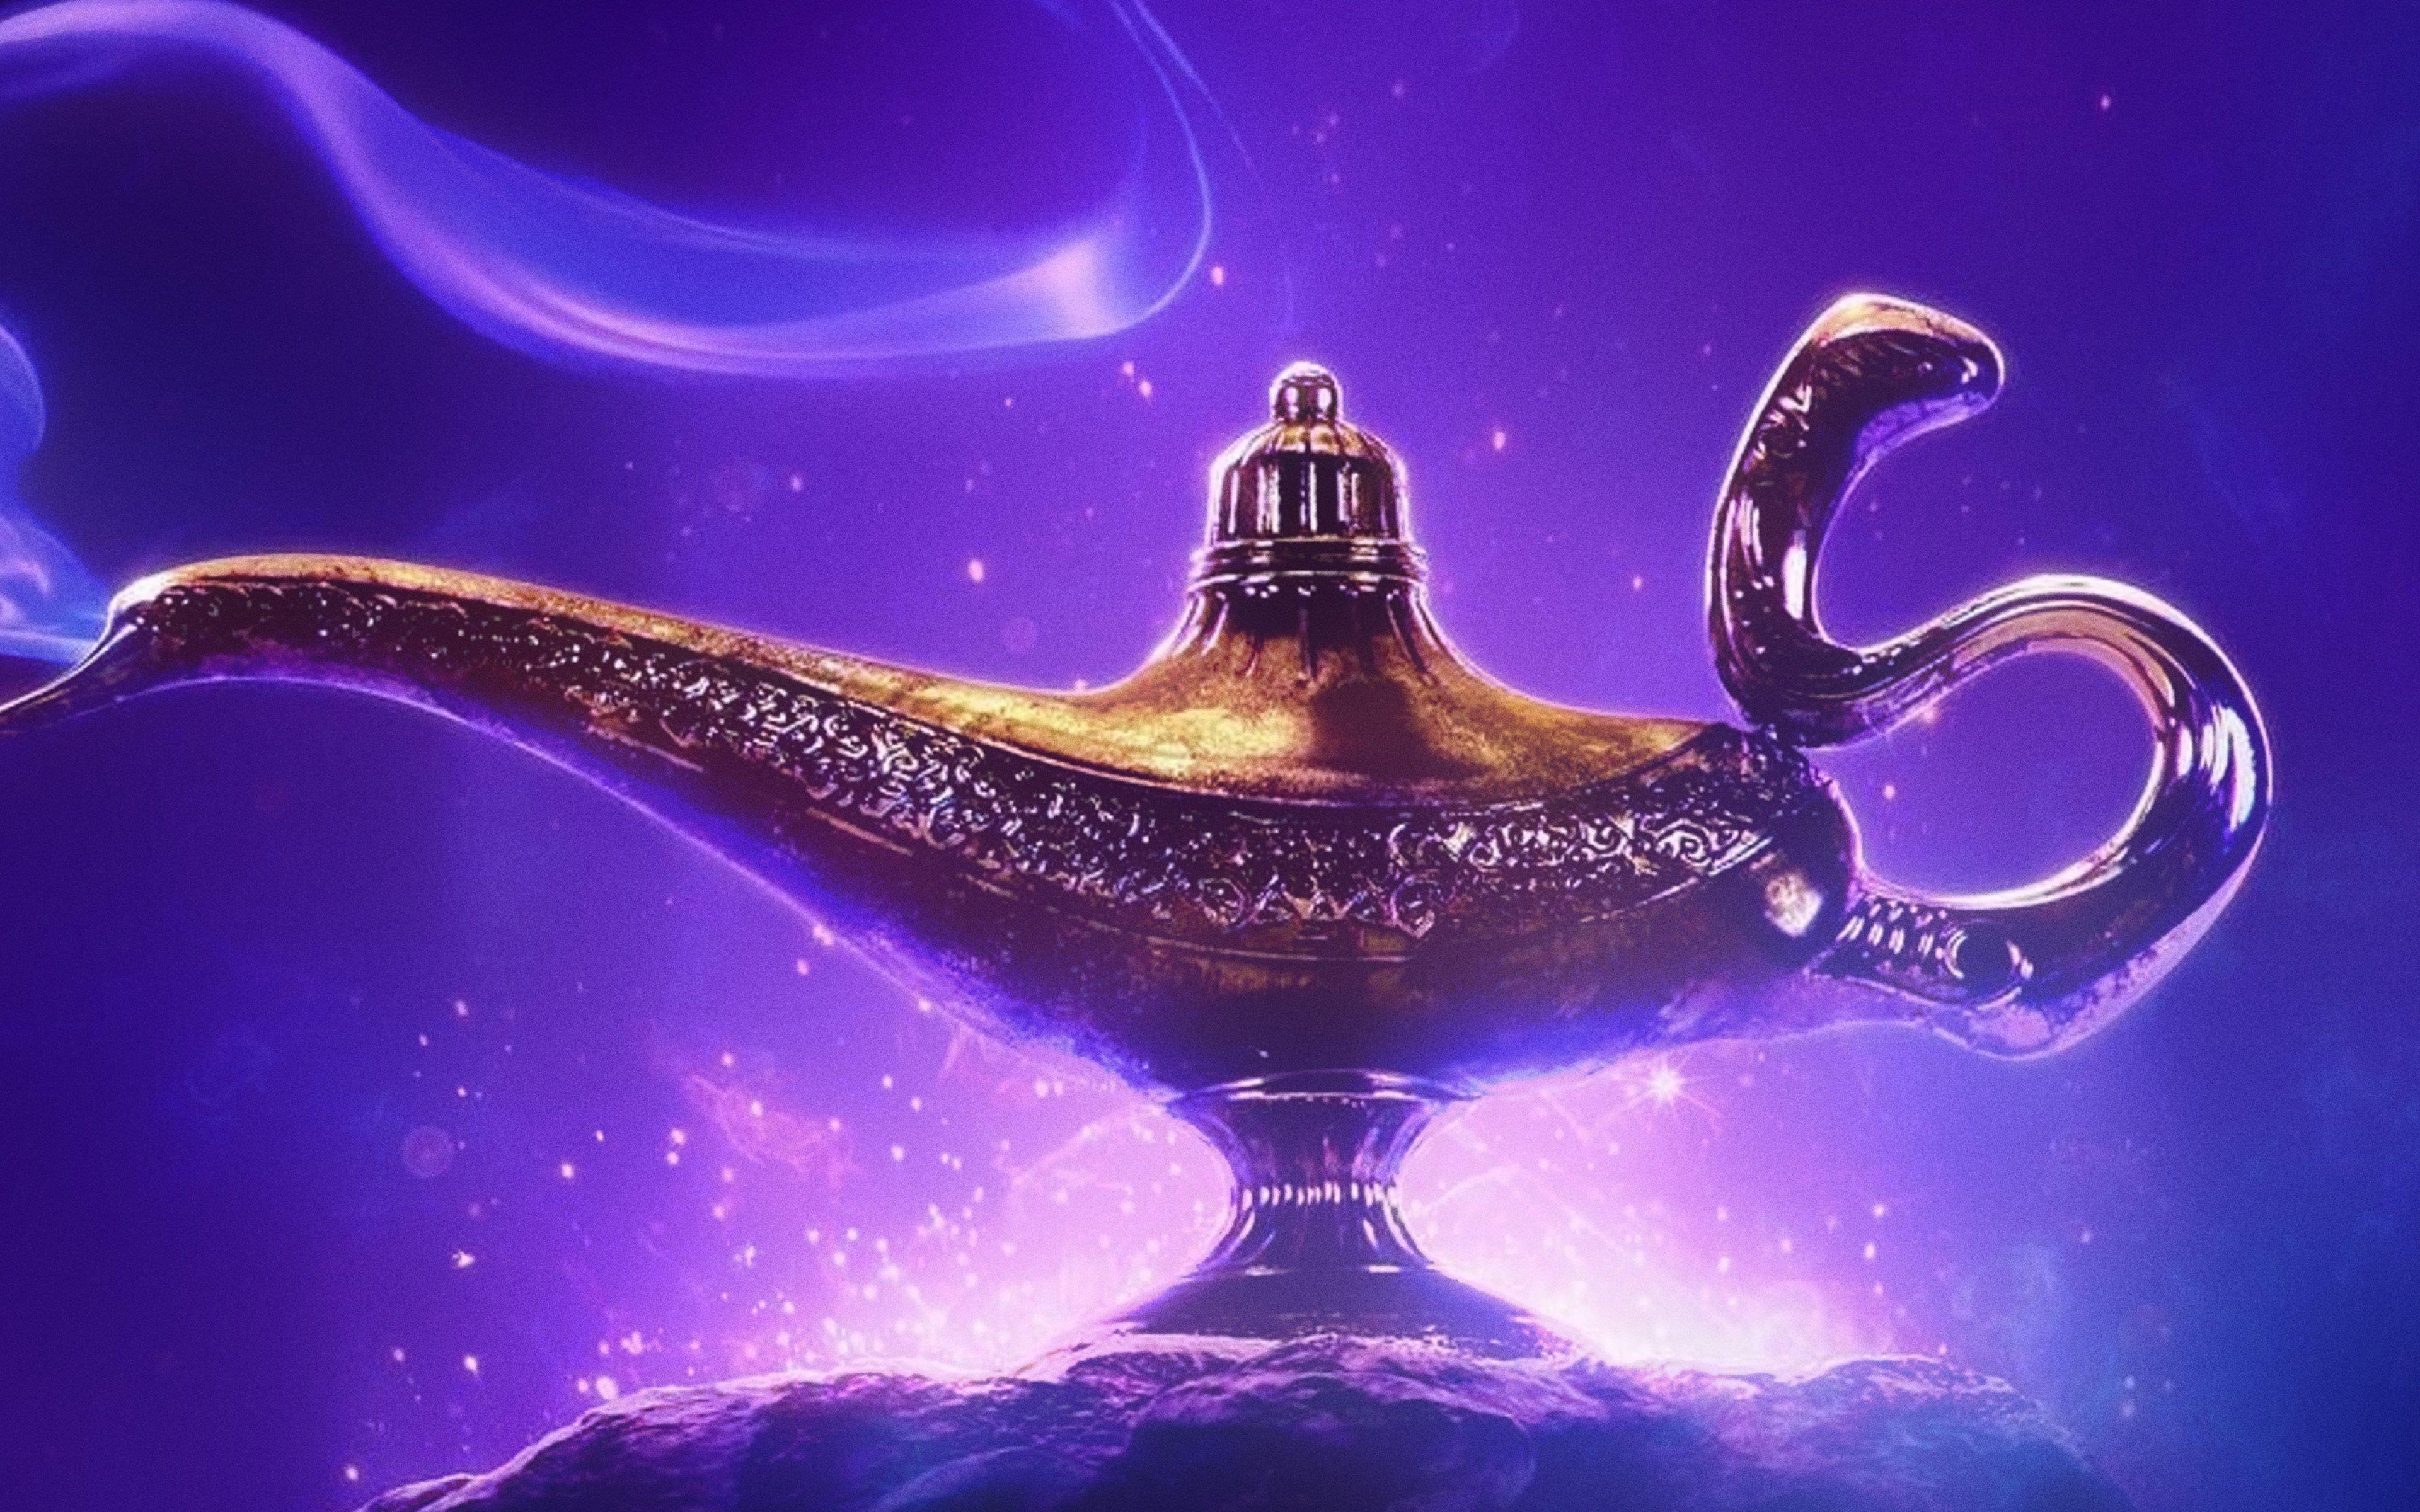 Fondos de pantalla Lampara de Aladin